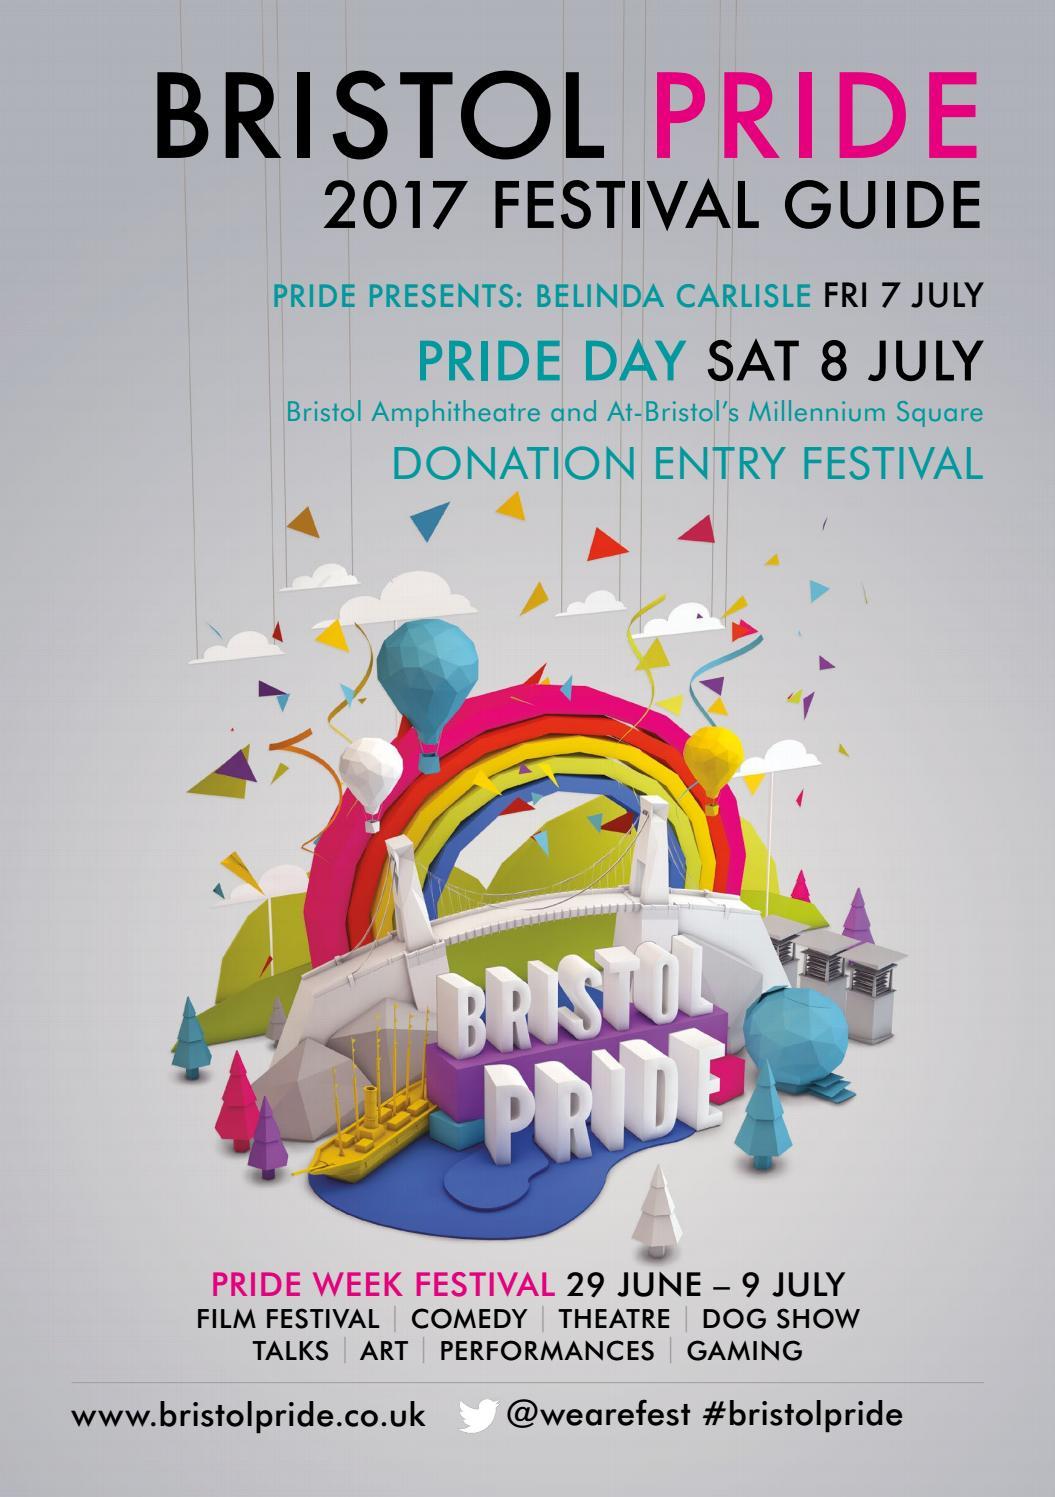 Bristol Pride 2017 Festival Guide by Bristol Pride Festival - issuu